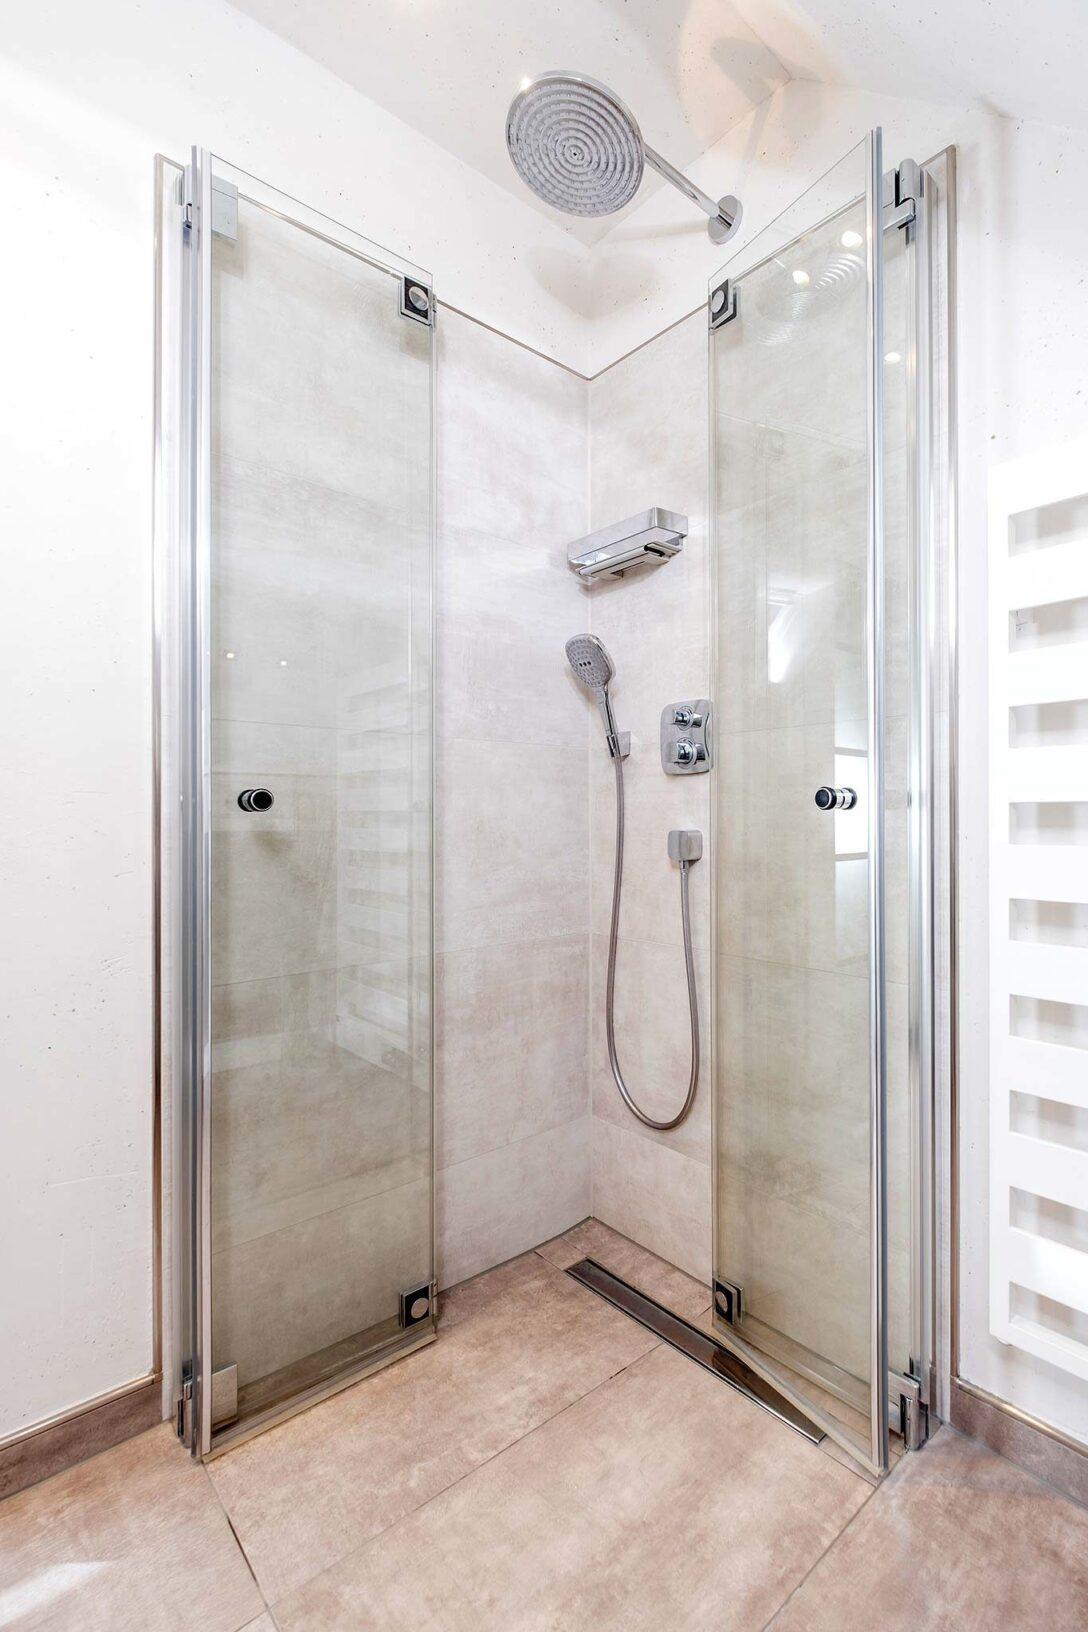 Large Size of Bodenebene Dusche Badezimmer Sprinz Duschen Ebenerdige Kosten Hsk Schulte Bodengleiche Fliesen Badewanne Mit Tür Und Kaufen Abfluss Glaswand Antirutschmatte Dusche Bodenebene Dusche